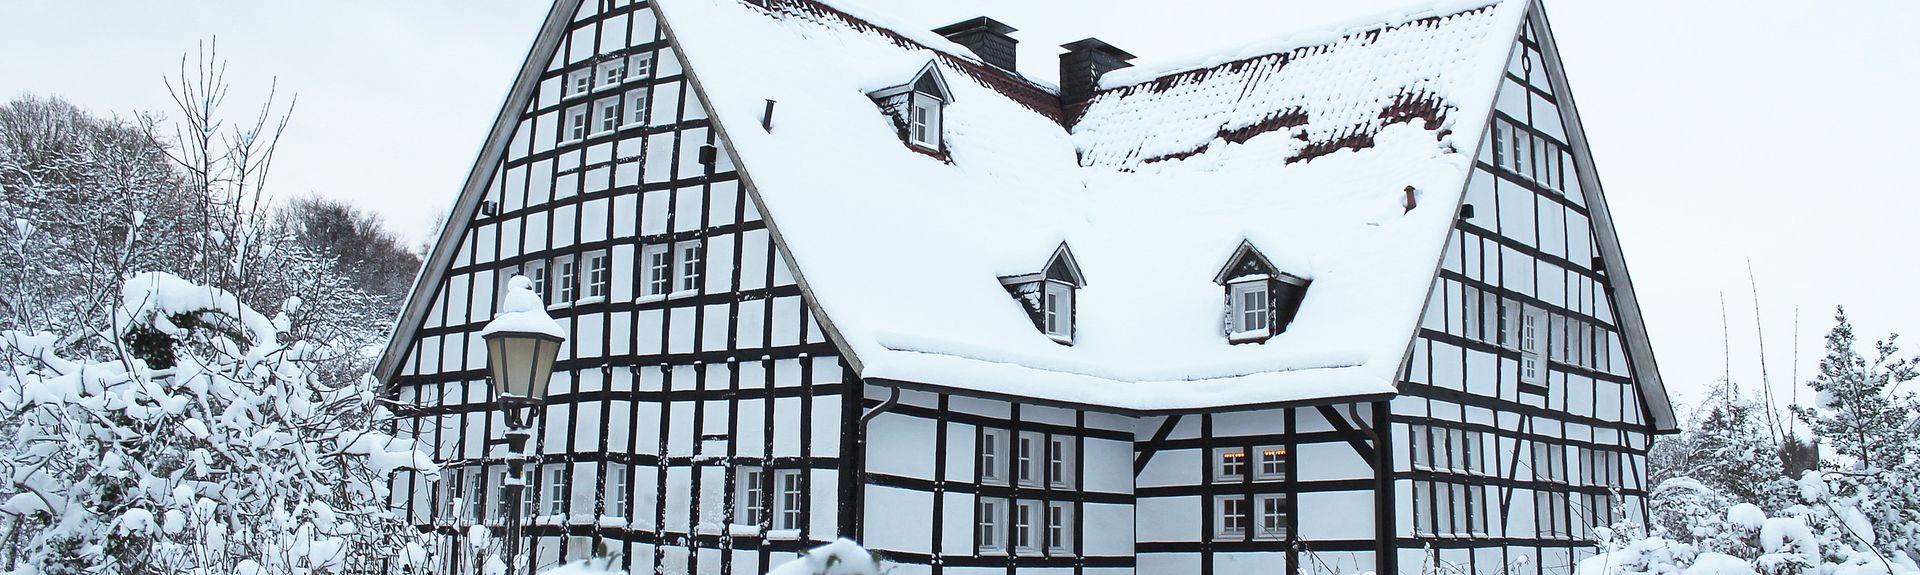 Dormagen, Rhénanie du Nord-Westphalie, Allemagne